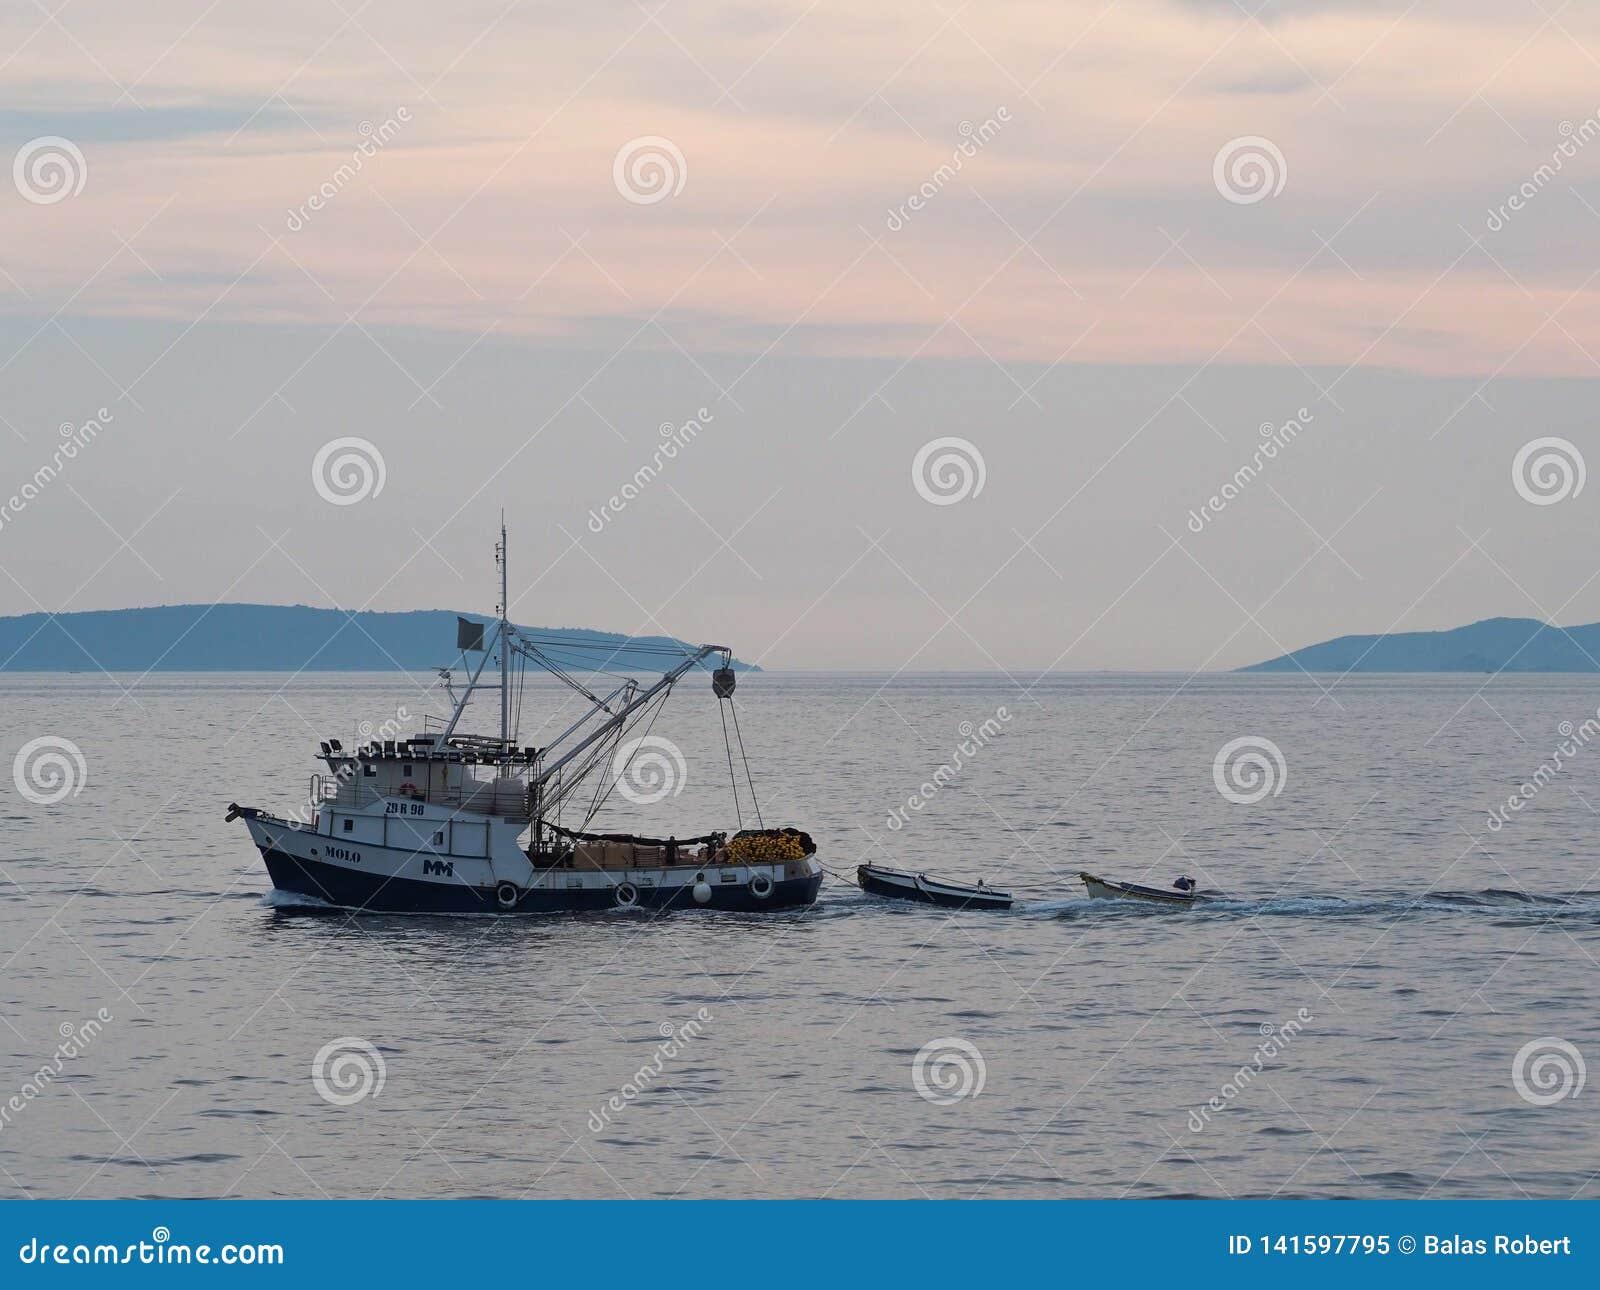 La barca tira due più piccole barche in mare